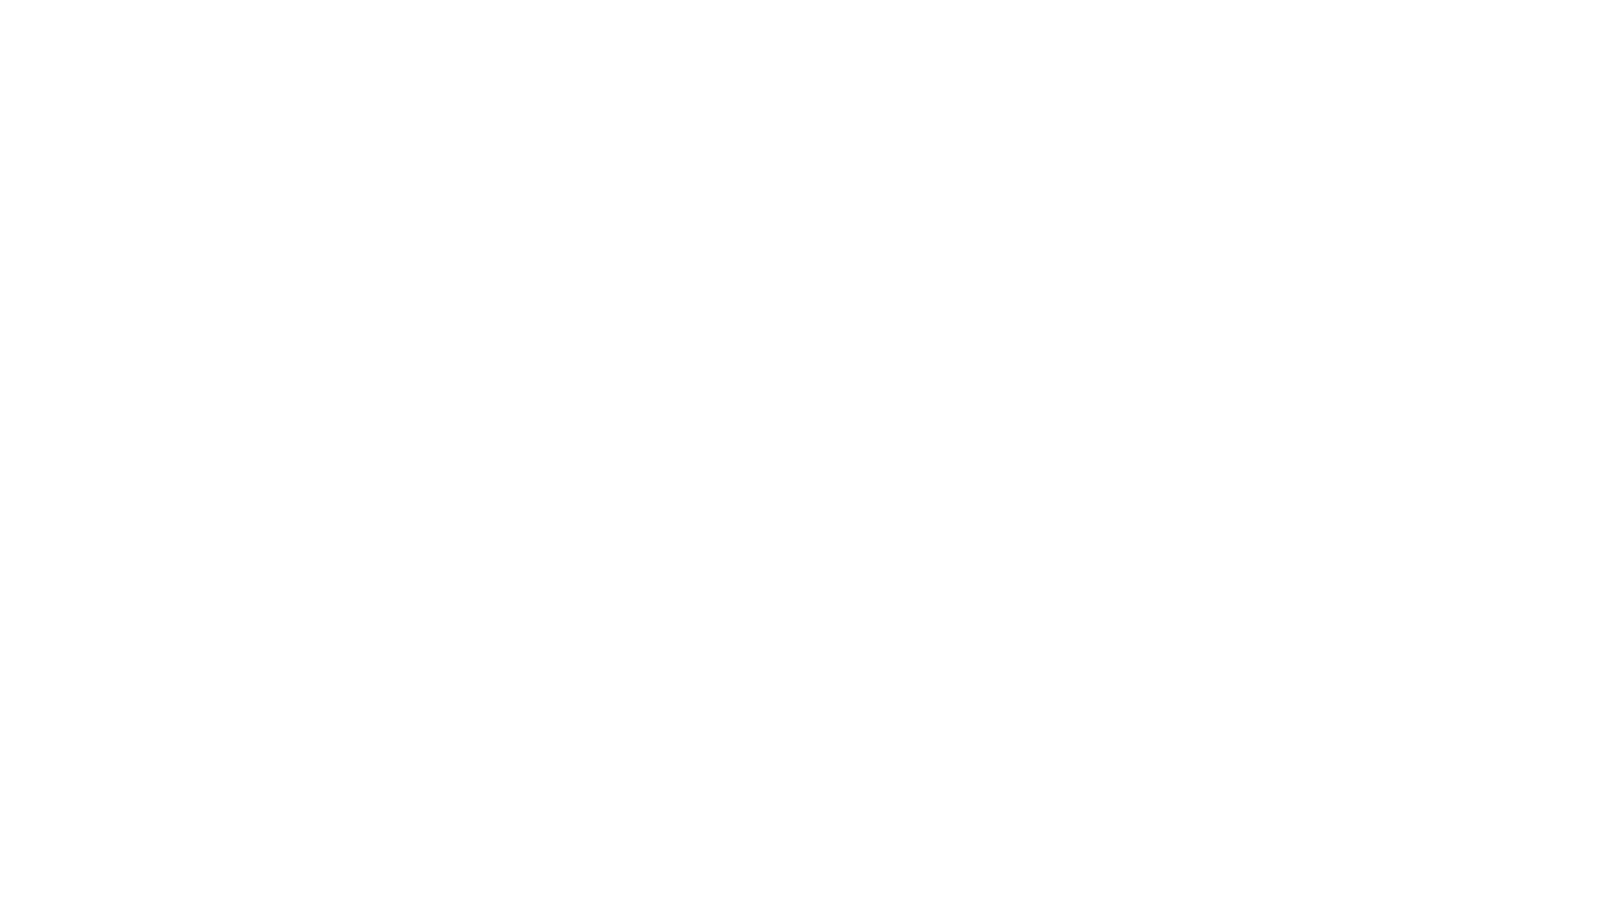 De maaihoogte die word gebruikt bij het maaien van kruidenrijk grasland is van groot belang voor de hergroei.  Het maaien of weiden van een kruidenrijk grasland heeft een direct effect op de groei van nieuwe wortelen. Wanneer er te kort wordt gemaaid of geweid, sterft het voedergewas. Als de bladoppervlakte op een optimale lengte wordt gehouden, zullen wortels meer plantengroei ondersteunen.  Een bodem die bedekt is en blijft is een bodem die word beschermt tegen o.a. afspoeling en erosie. Daarnaast is ze beter beschermt tegen droogte en temperatuurstijgingen en dalingen.  Lees hier meer over de juiste beweiding en maaihoogte: https://puregraze.com/beweiding/de-2-wetten-van-beweidingsmanagement/  #maaihoogte #weidegang #kruidenrijkgrasland #voederkruiden #puregraze #saladebuffet